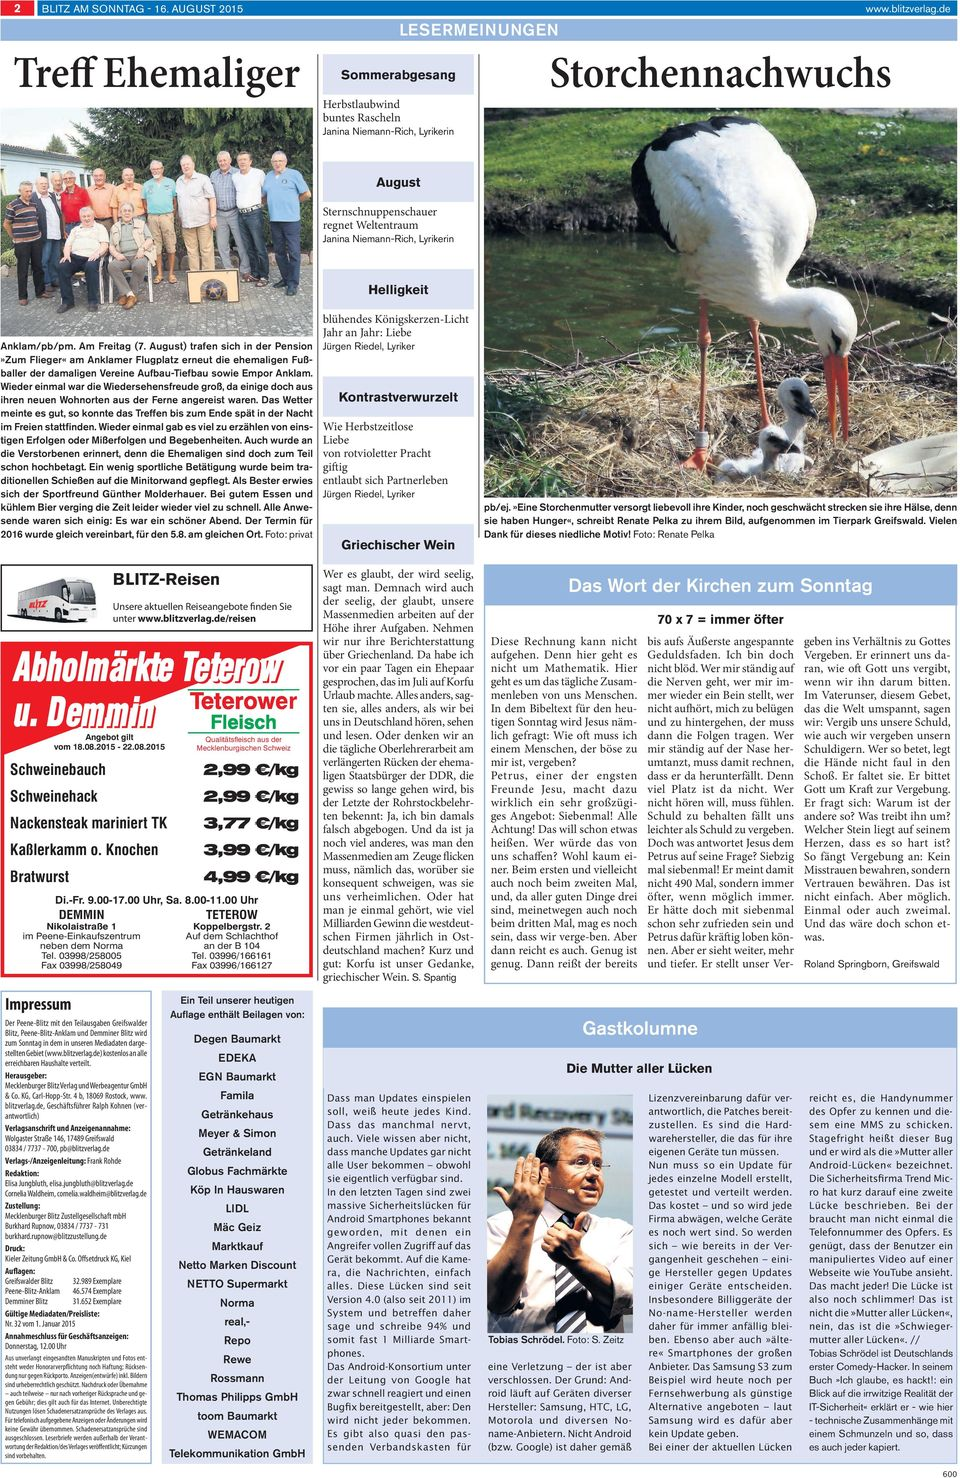 Thomas Philipps Onlineshop De Haus Und Garten Einzigartig Lohnenswert Für Kommunen Und Umwelt